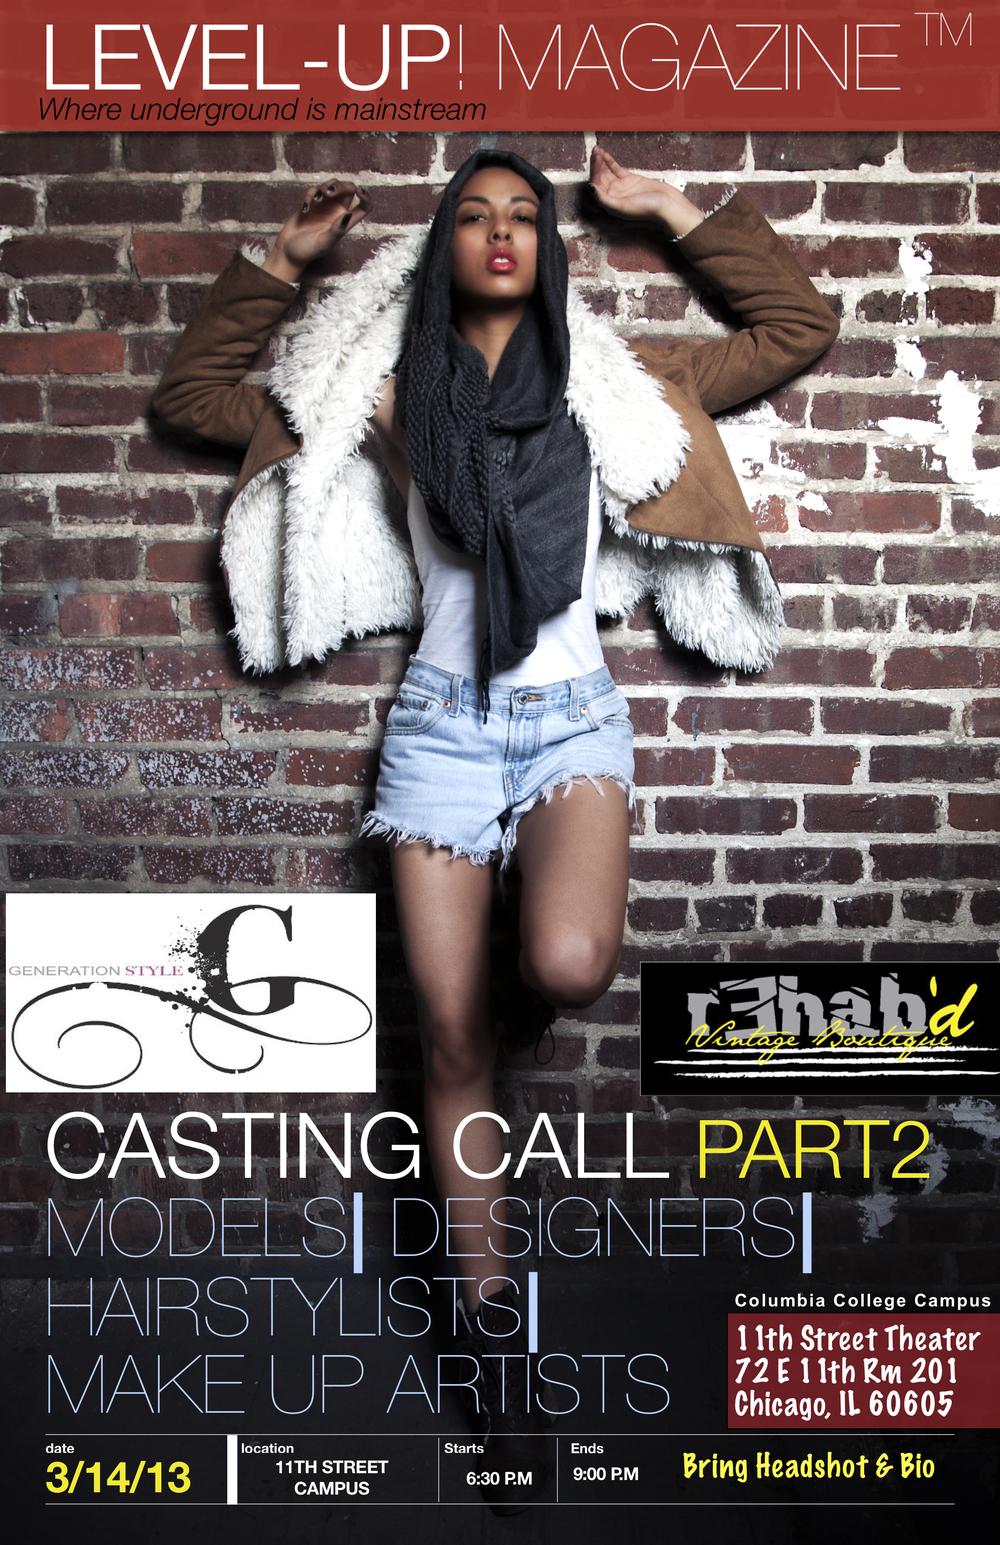 Modeling Casting Call Part 2 Flyer.jpg